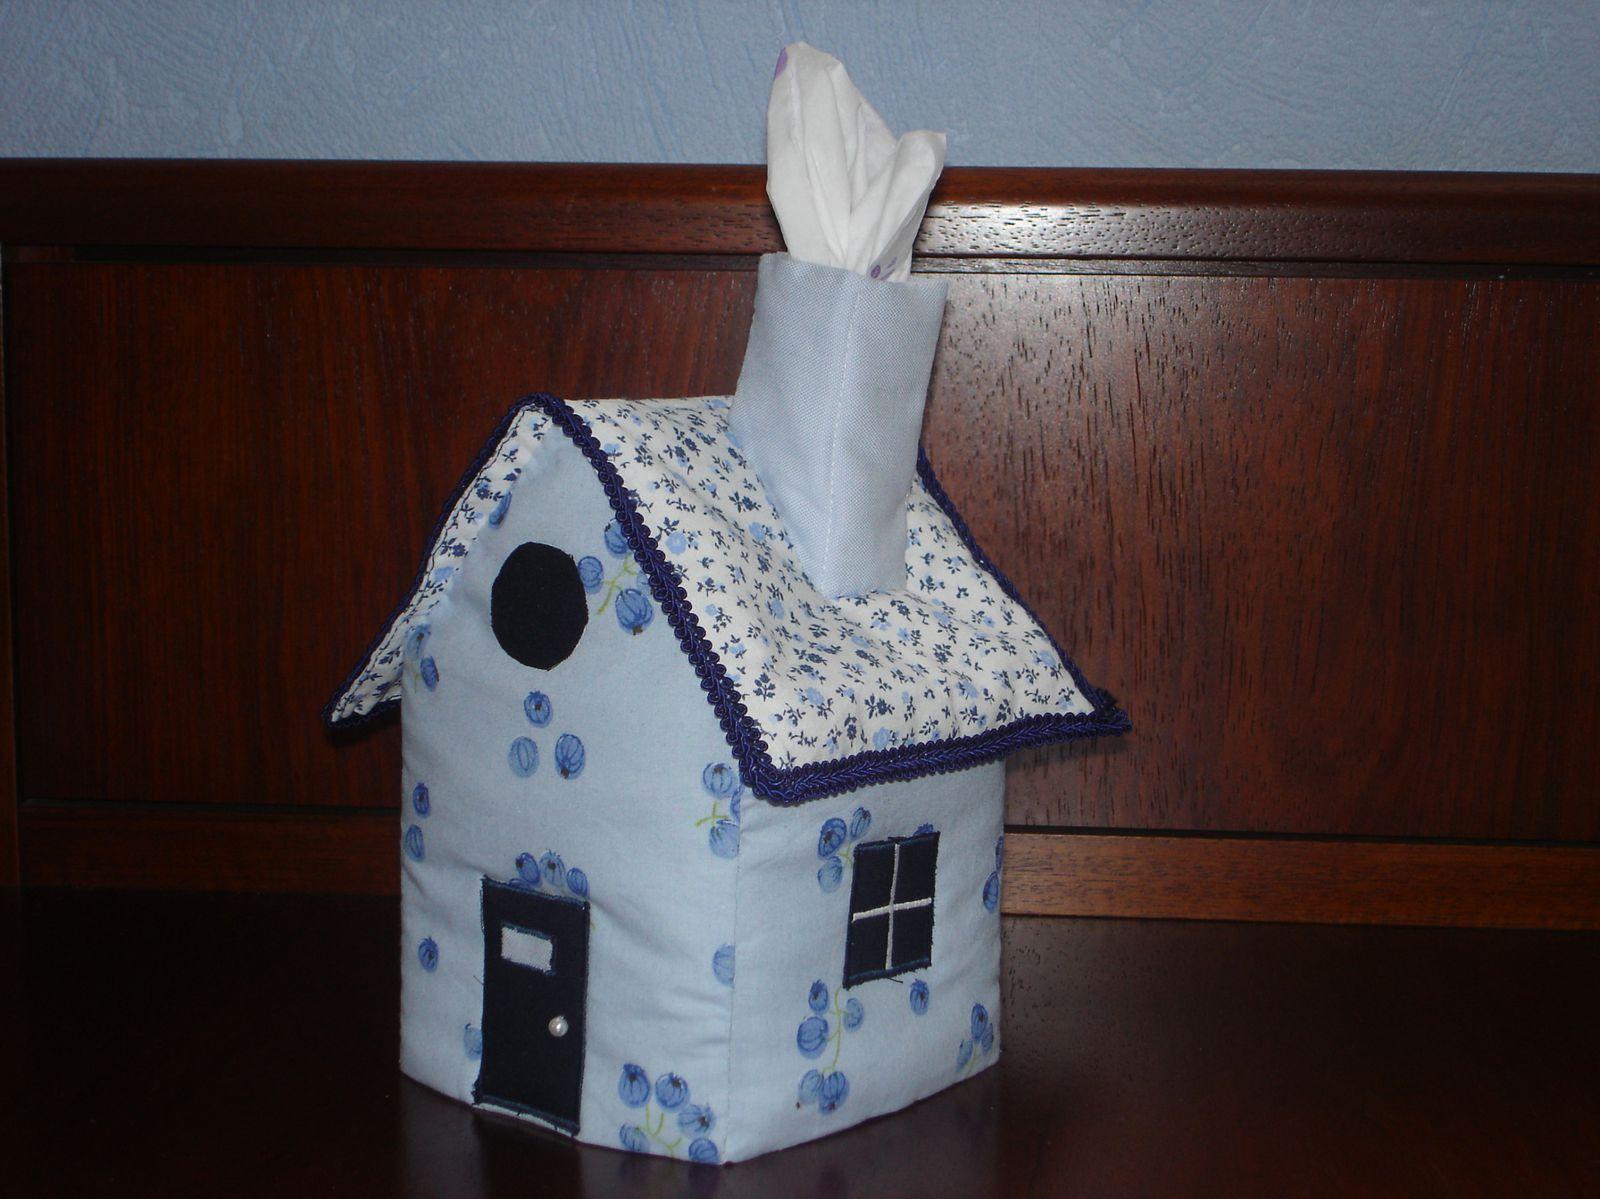 Une id e d co une maison mouchoirs autour du tissu - Boite a mouchoirs maison ...